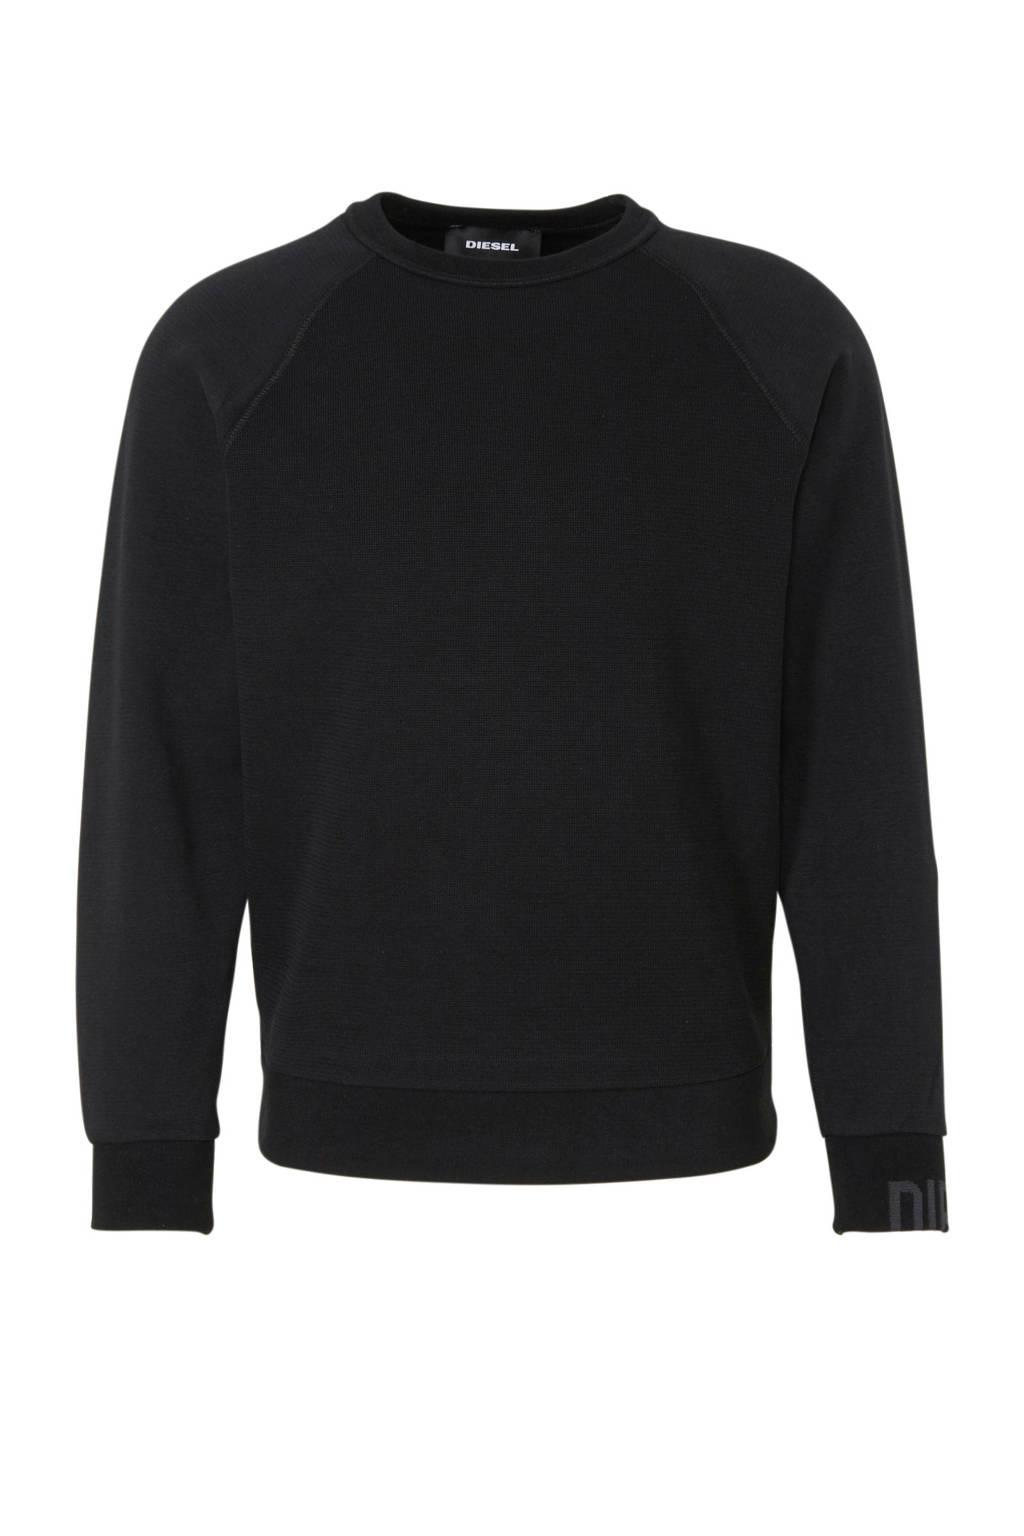 Diesel sweater, Zwart